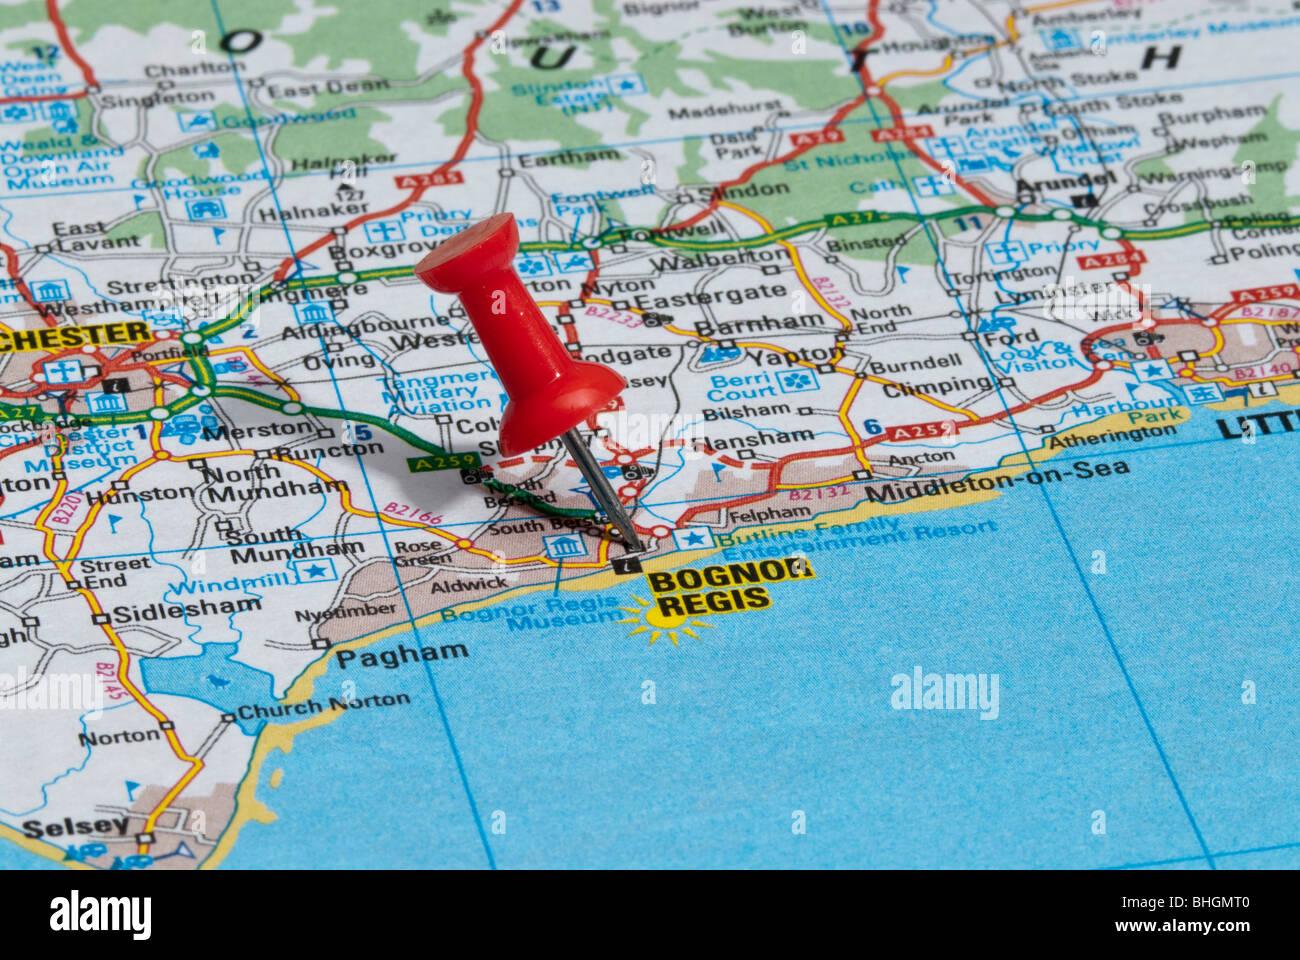 Map Of Bognor Regis red map pin in road map pointing to city of Bognor Regis Stock  Map Of Bognor Regis